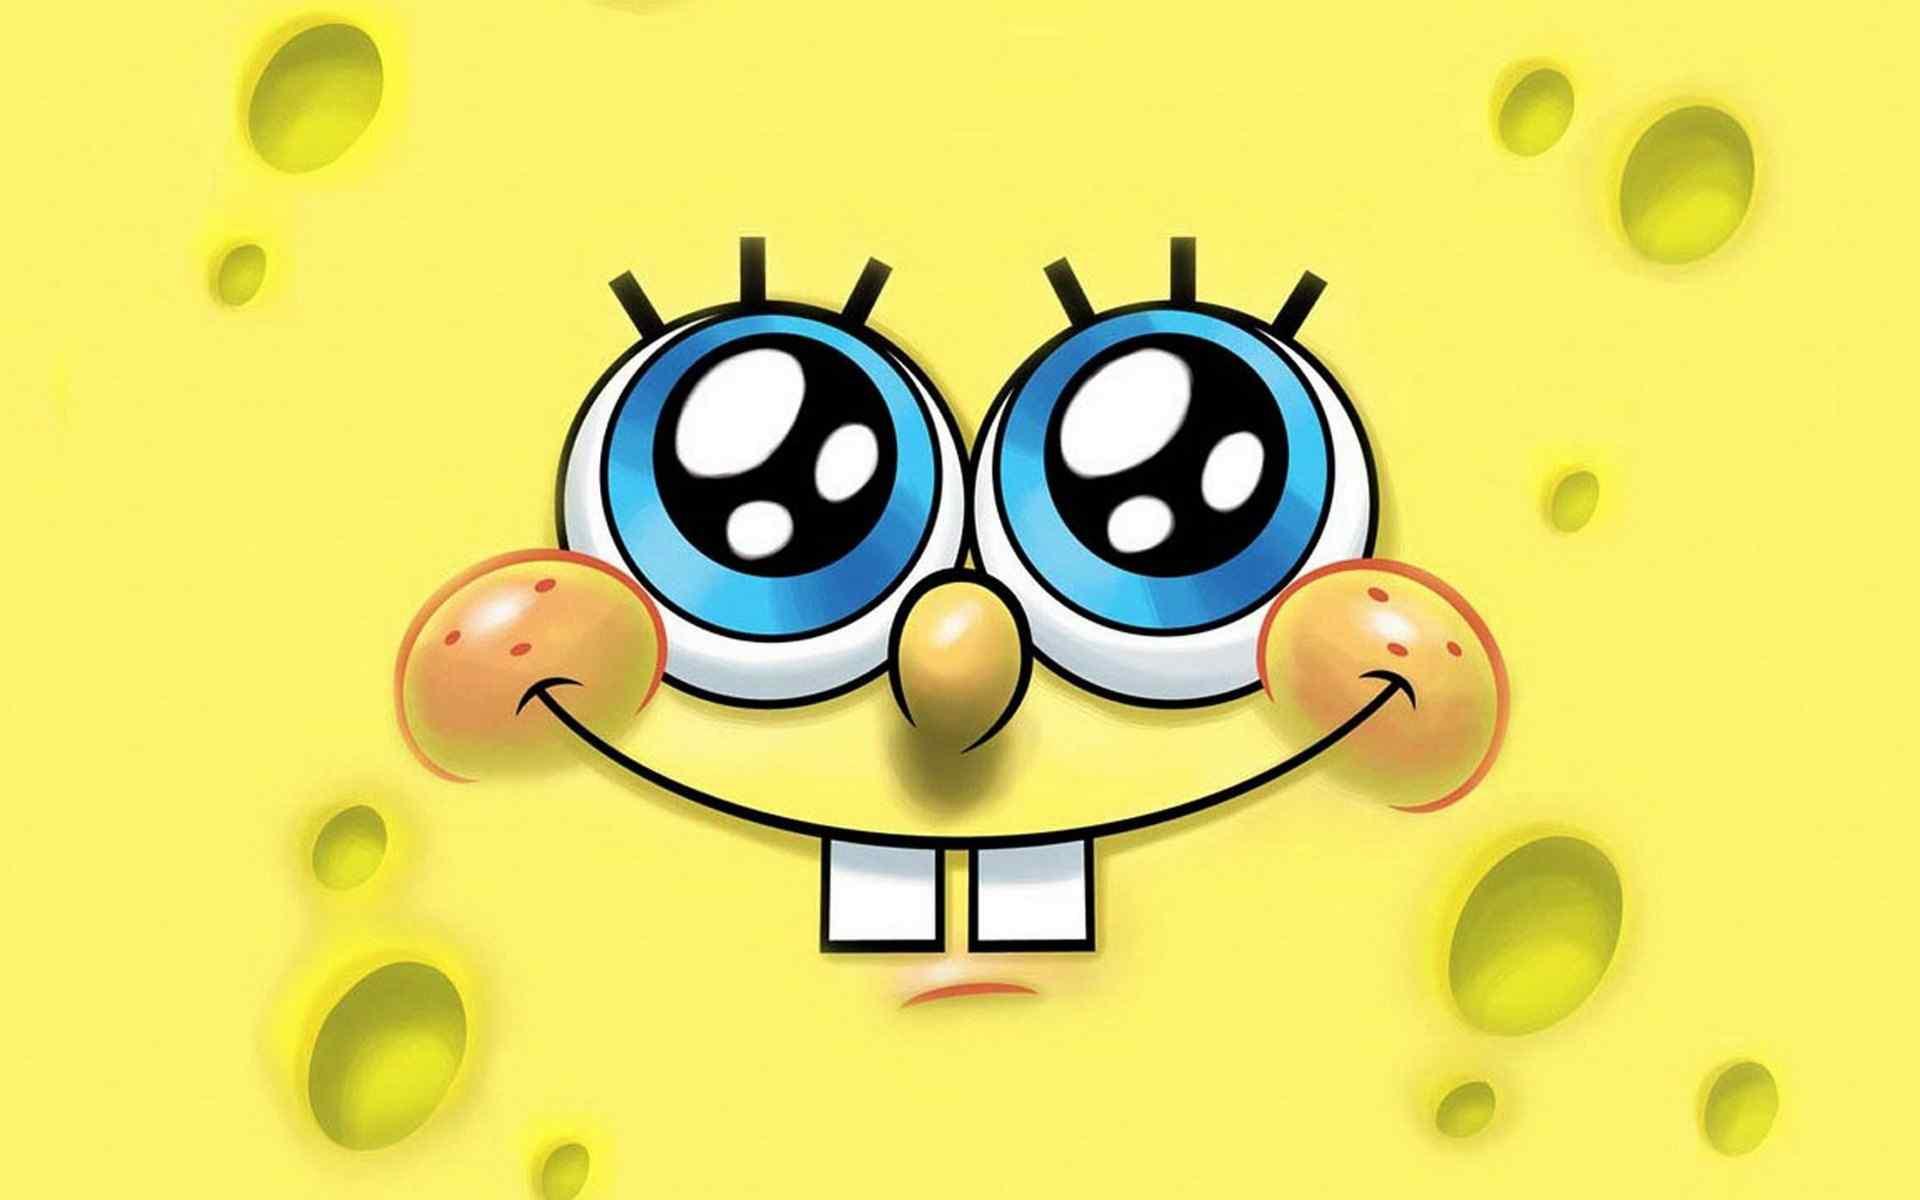 表情 海绵宝宝 搞笑开心的海绵块 海绵宝宝动画动漫壁纸 桌面天下 Desktx.com 表情图片